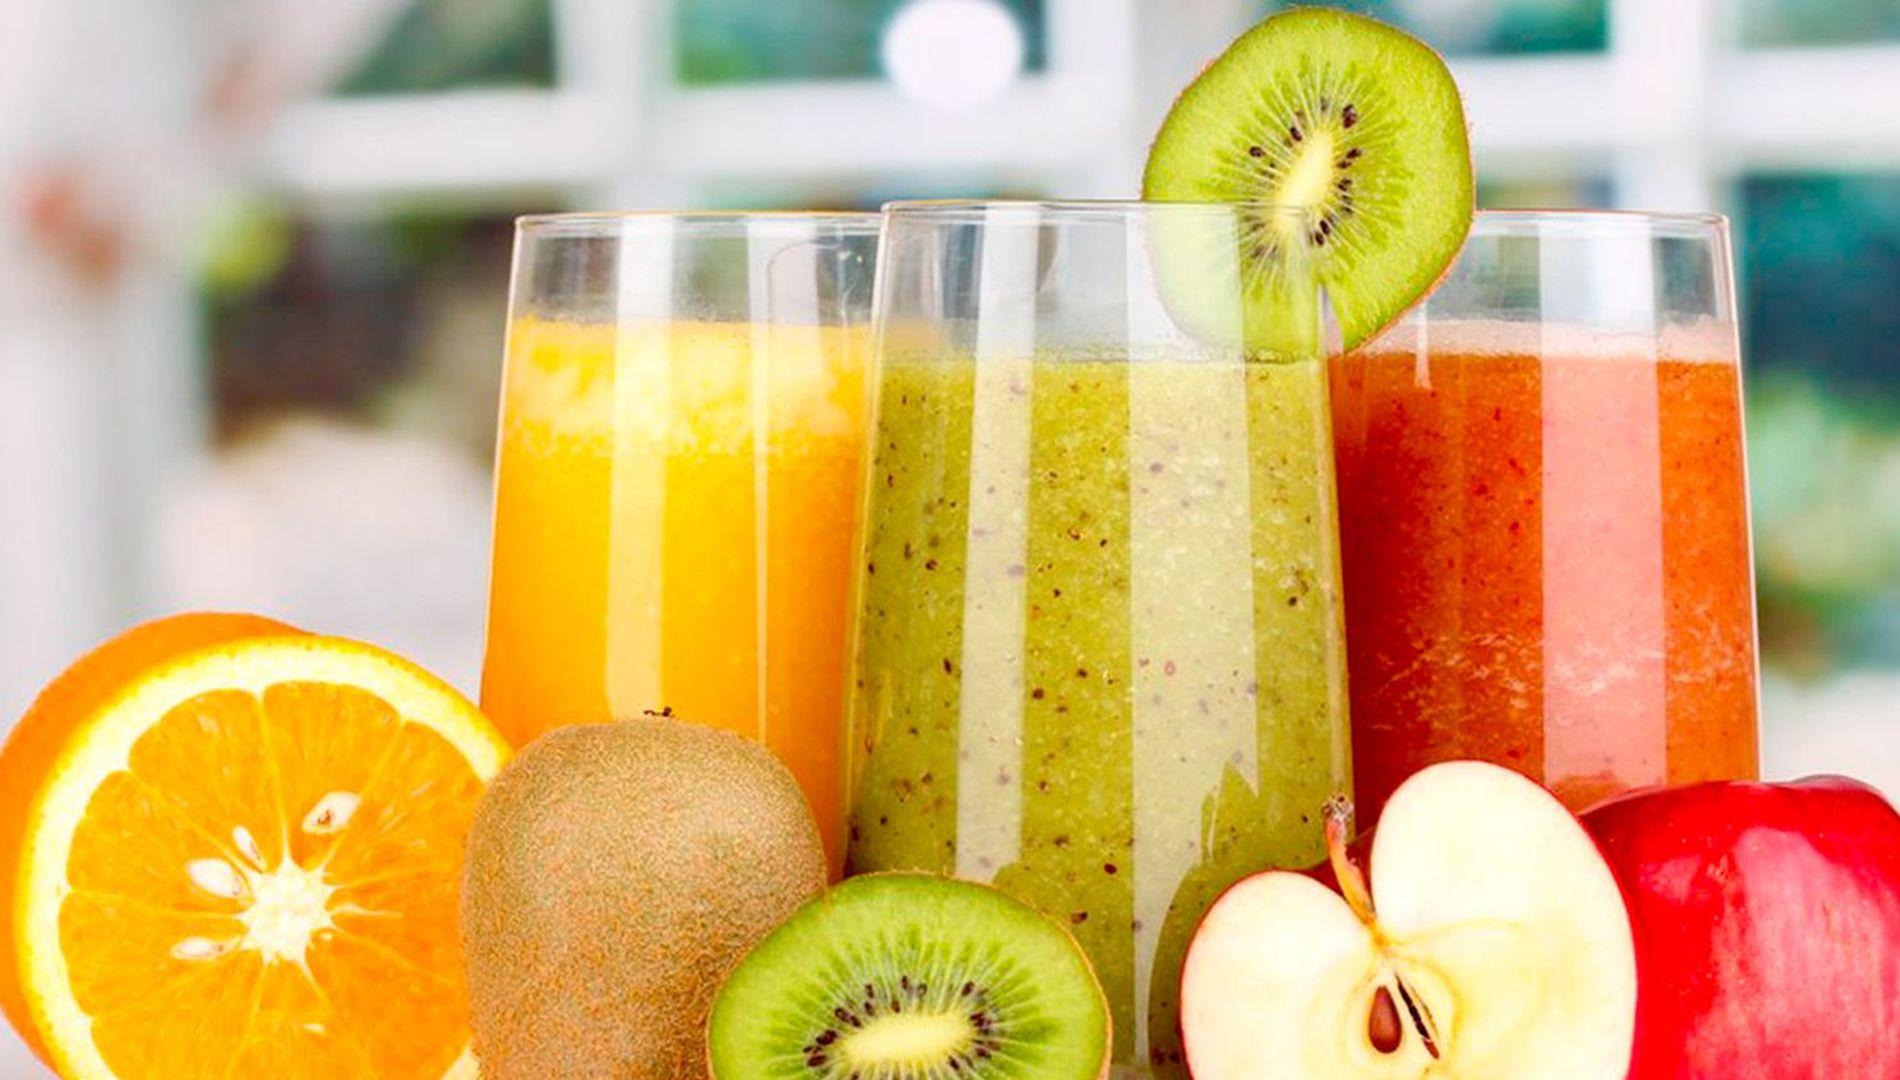 Suco-Que-Emagrece-R%C3%A1pido-Receita-Para-Emagrecer-R%C3%A1pido-Com-Suco-de-Fruta-Fresca.jpg